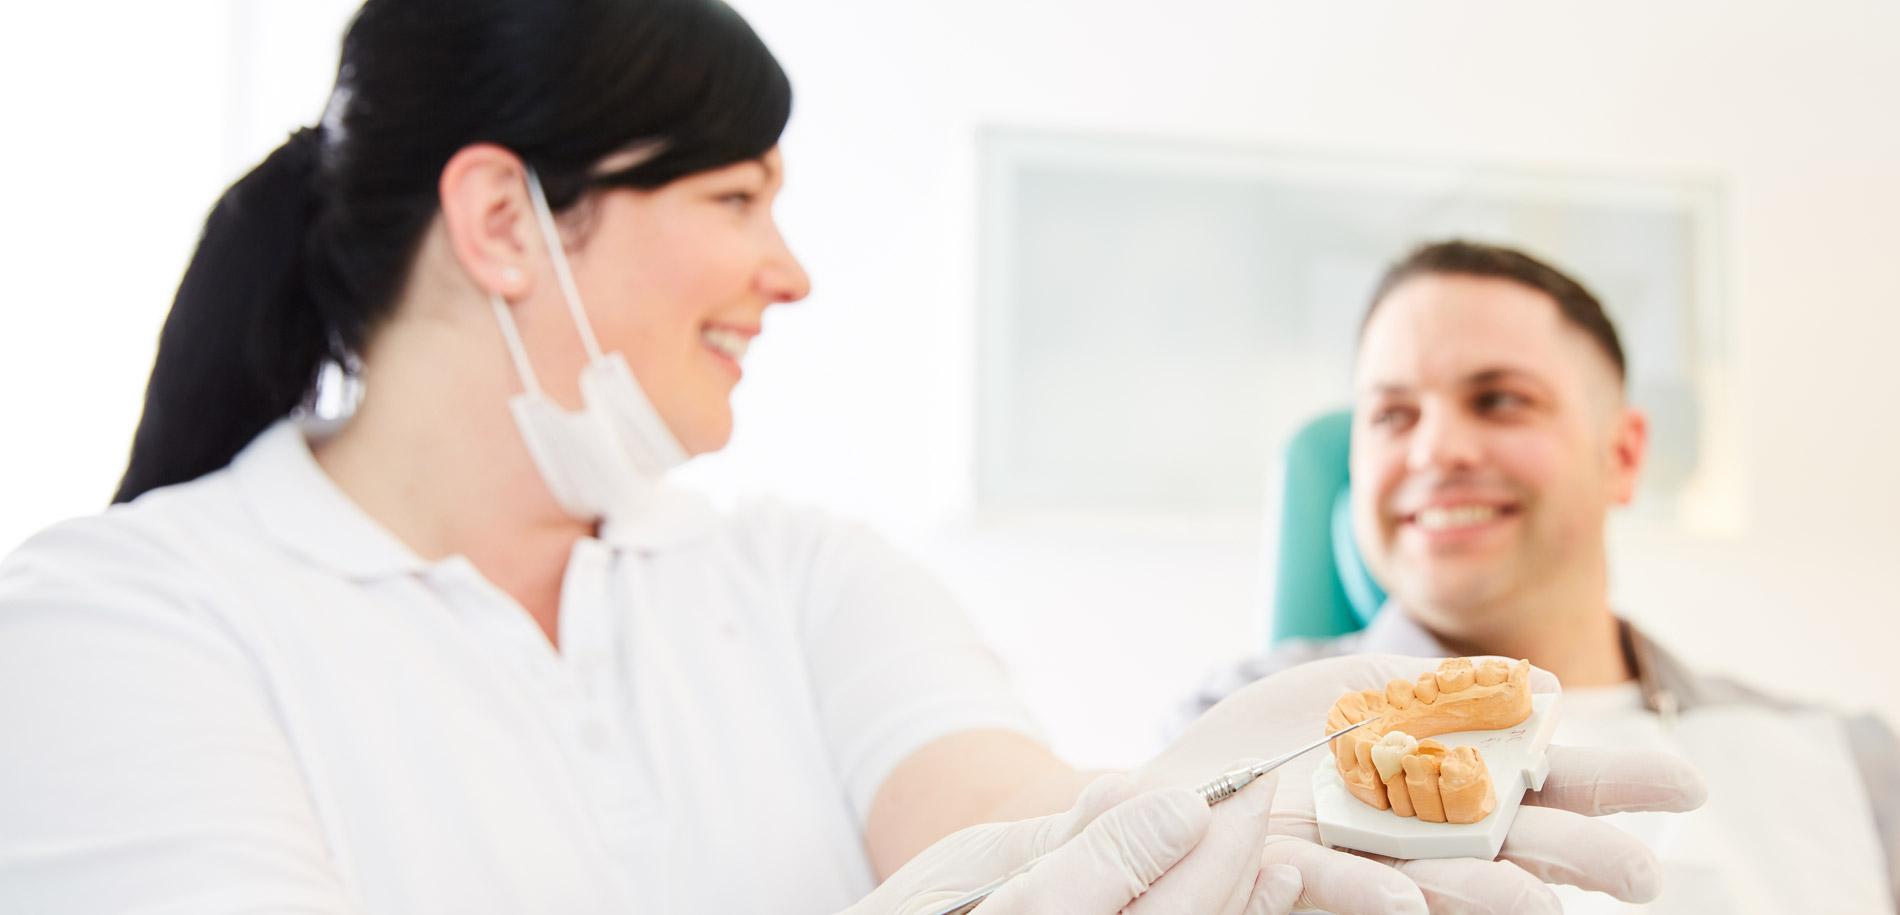 Zahnarztpraxis  Zahnrhein in Walluf - Ästhetische Zahnheilkunde 1